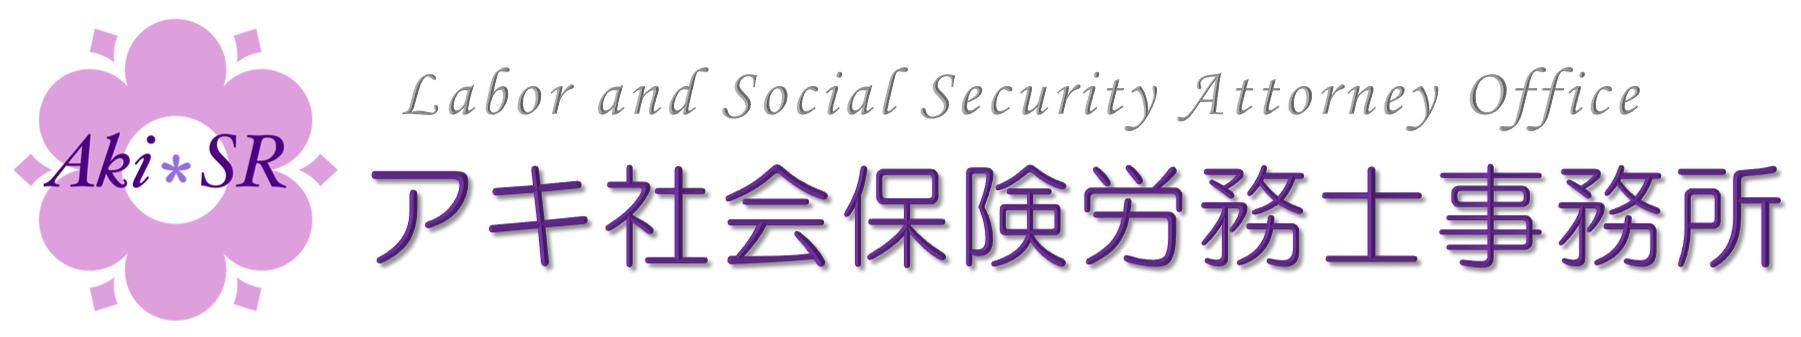 アキ社会保険労務士事務所(千代田区)